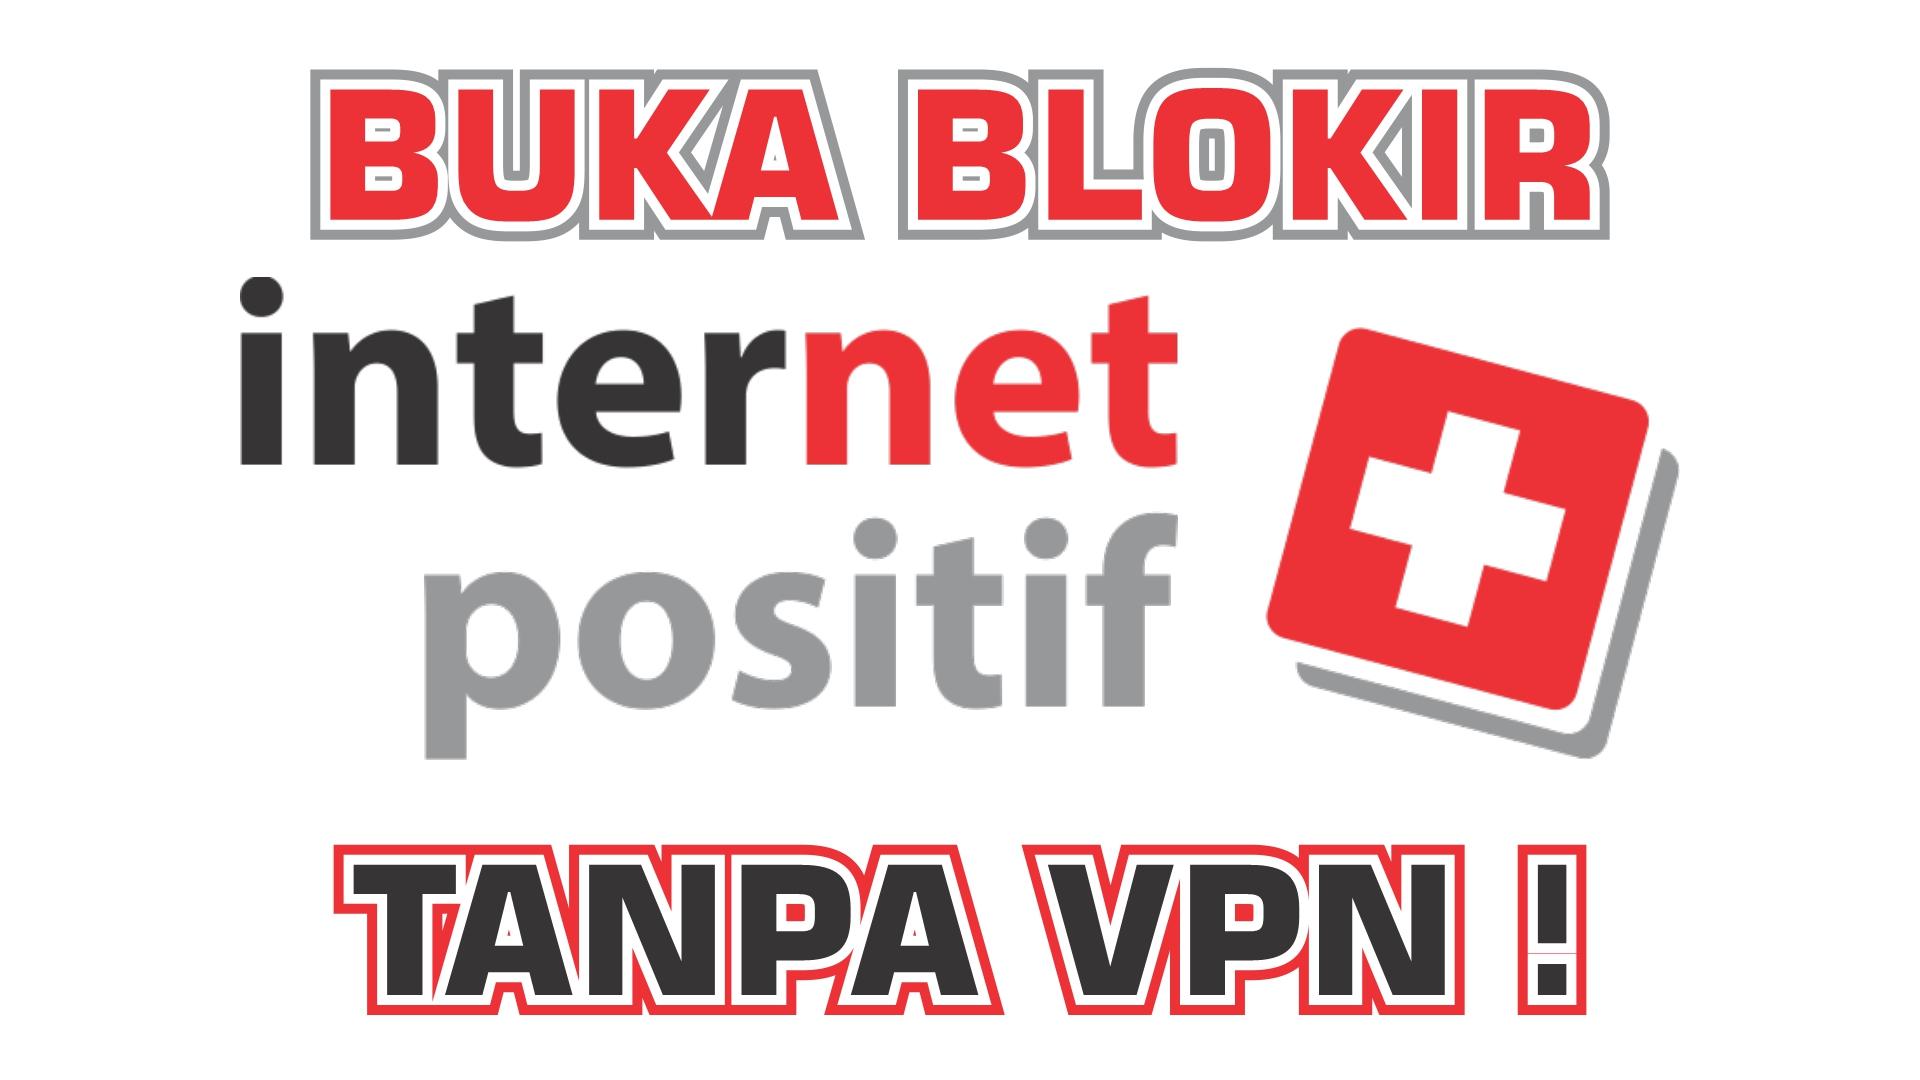 Blokir Internet Positif tanpa VPN